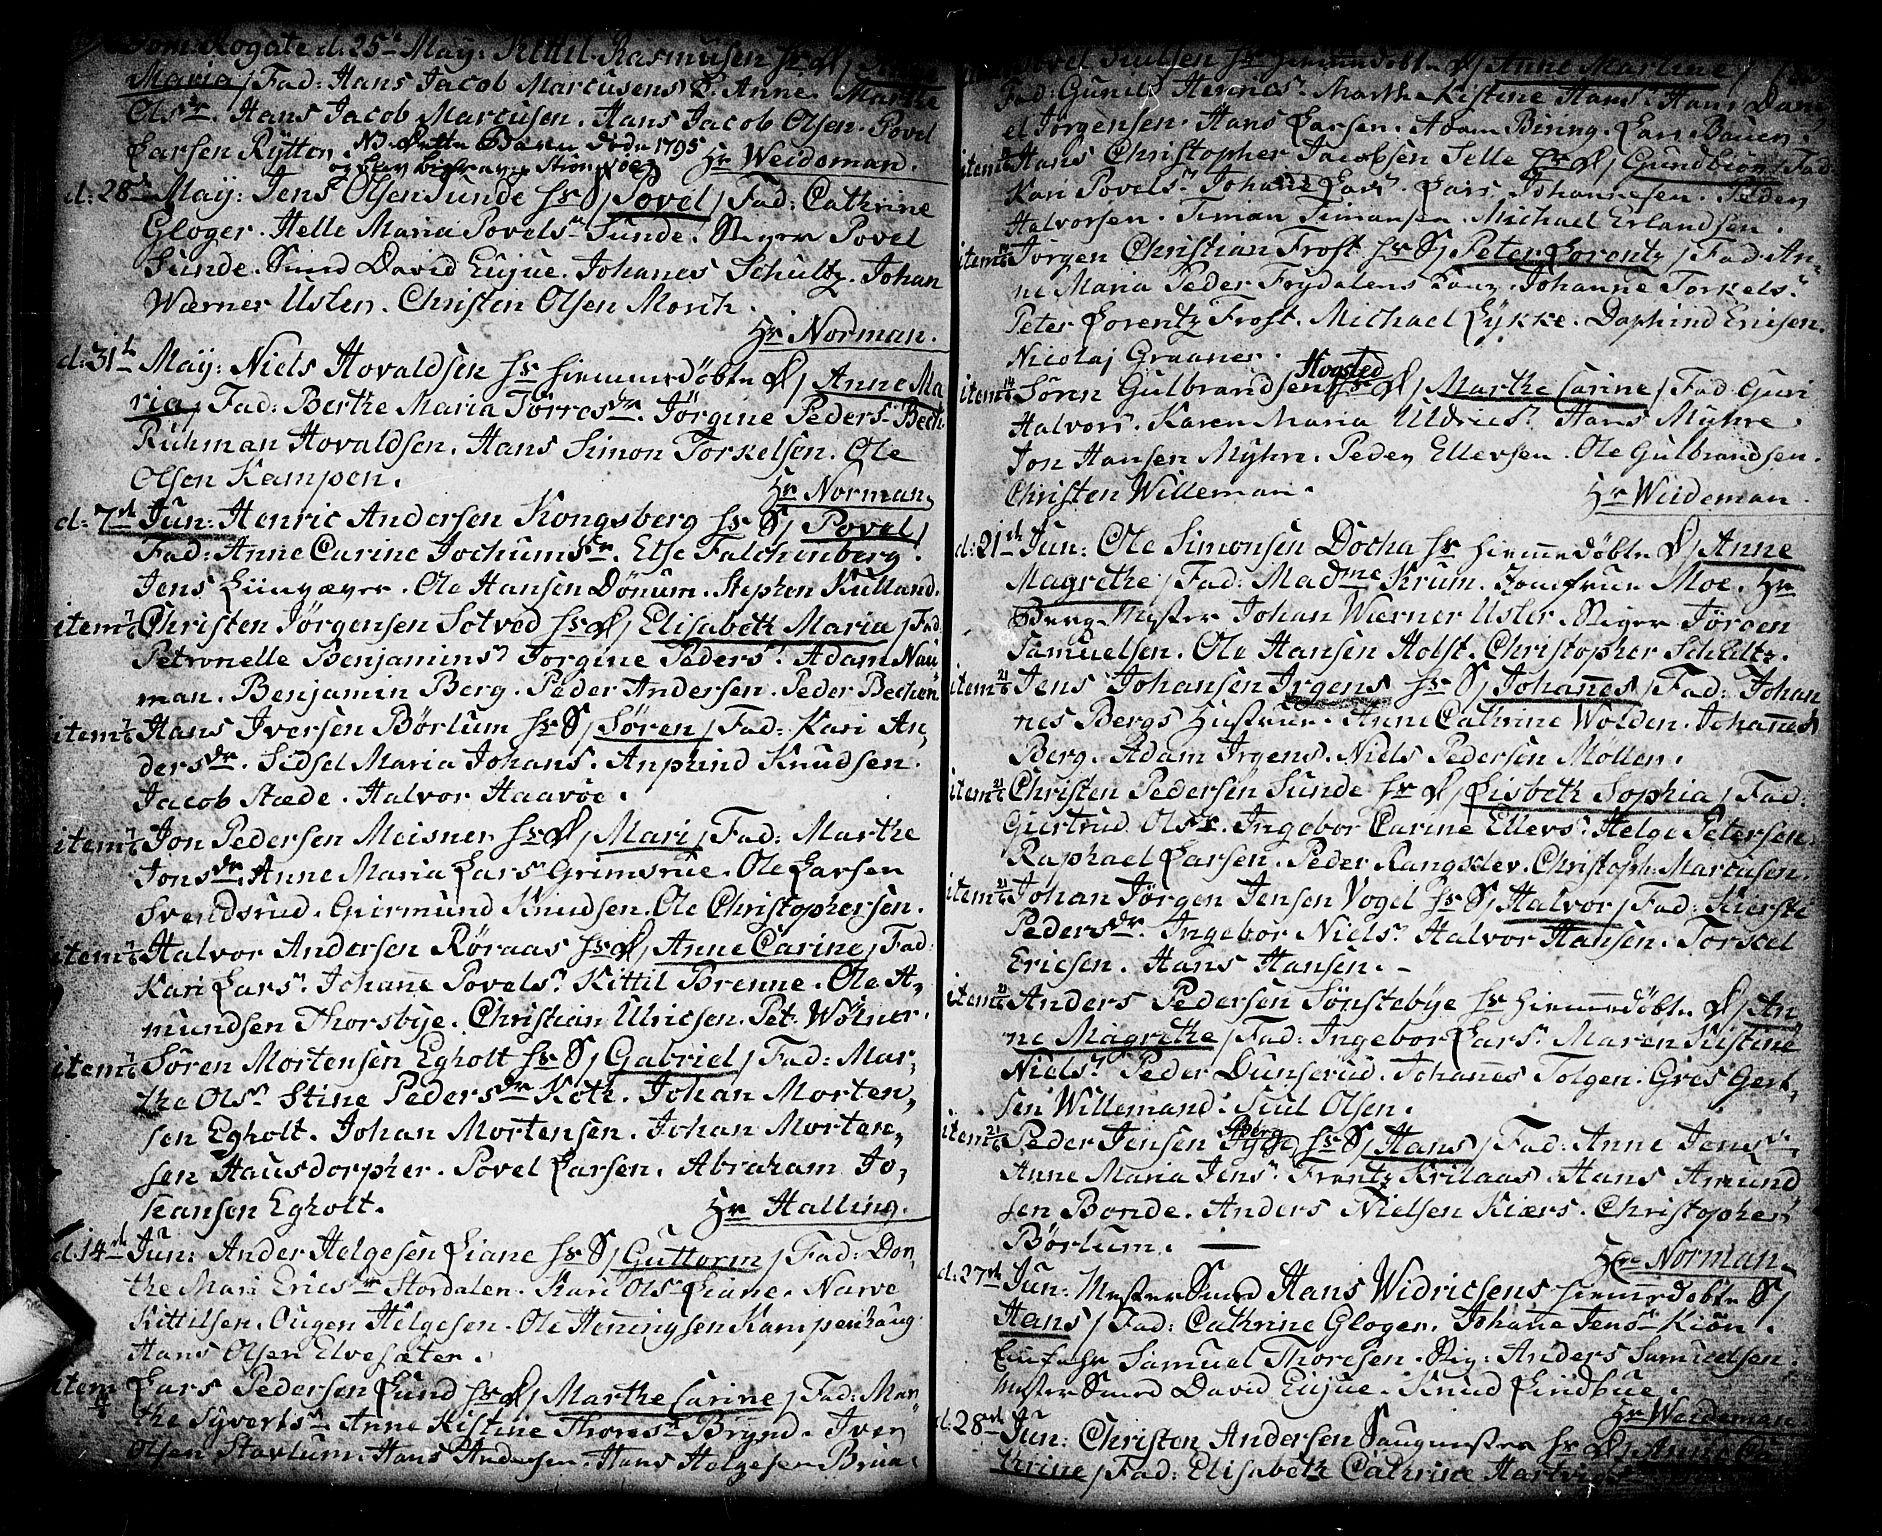 SAKO, Kongsberg kirkebøker, F/Fa/L0006: Ministerialbok nr. I 6, 1783-1797, s. 183